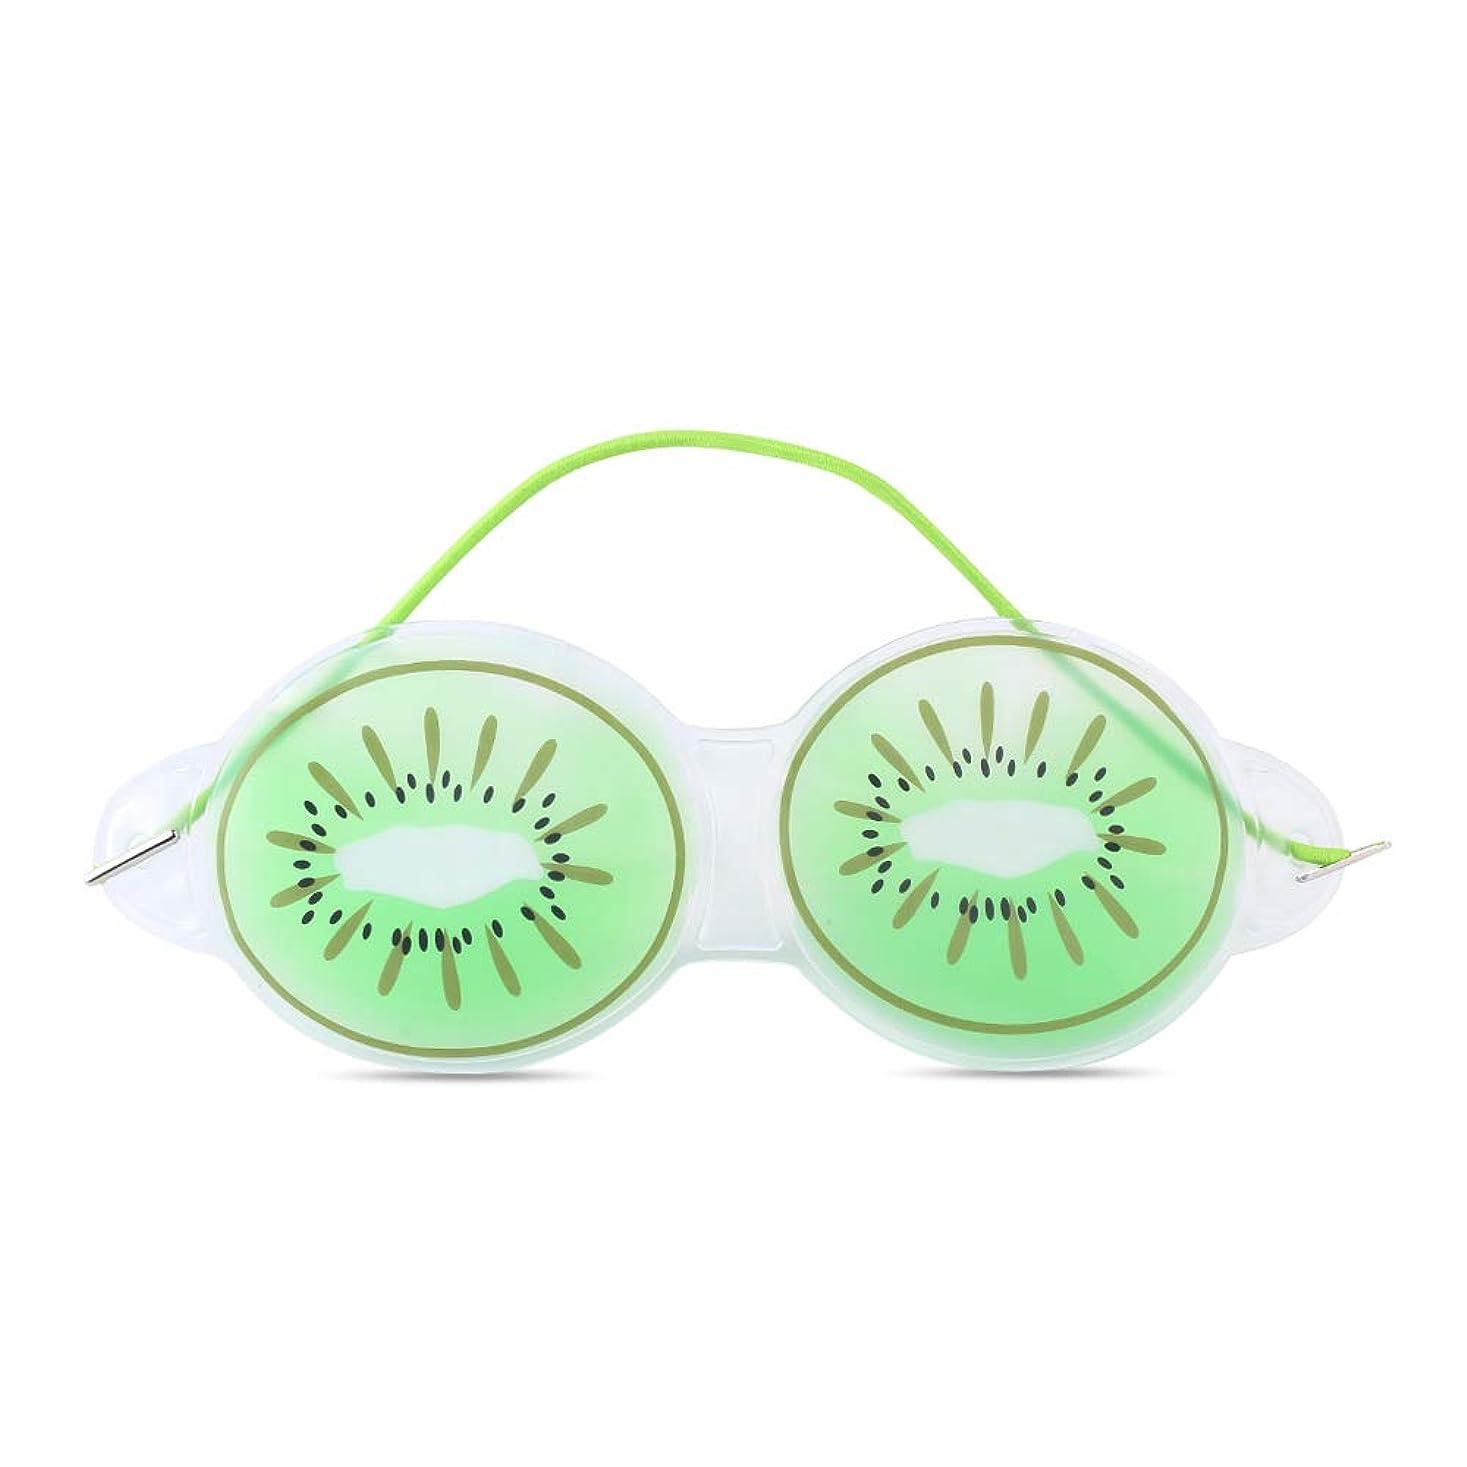 NOTE 1ピースアイスジェルアイマスク睡眠よく圧縮かわいいフルーツジェルアイ疲労緩和冷却アイケアリラクゼーションアイシールドmakuepツール